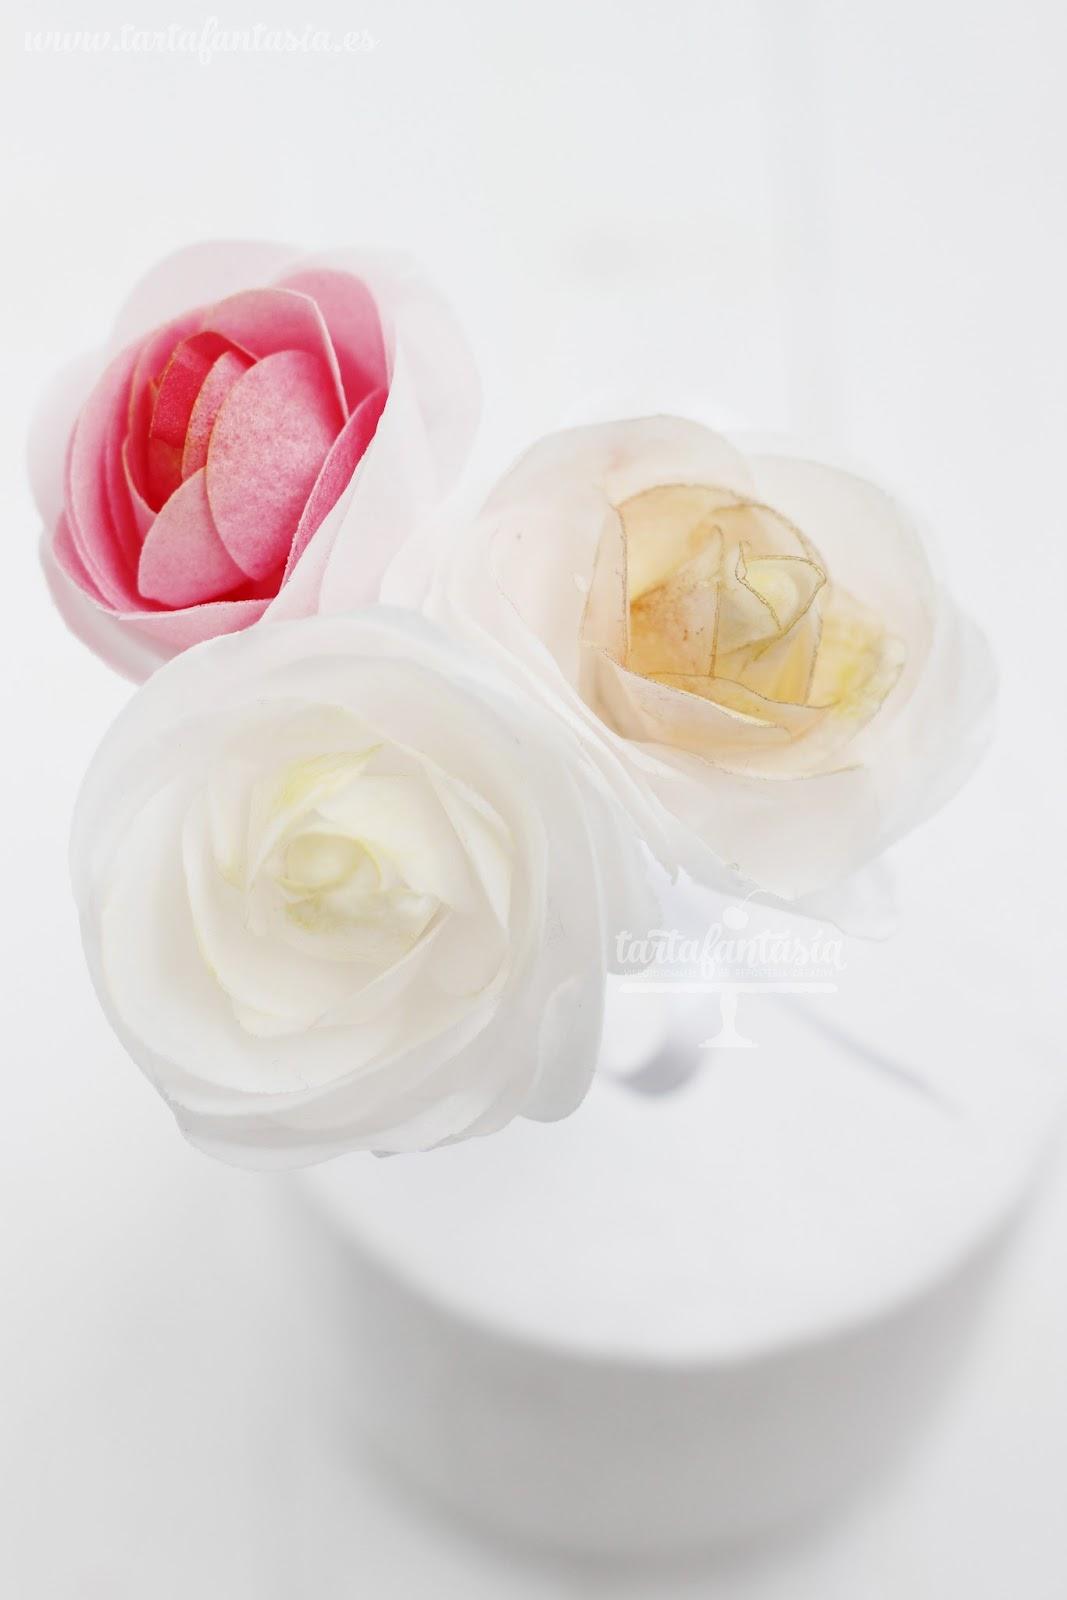 este semana os voy a ensear a hacer una rosas con wafer paper o tambin llamando papel de oblea con este papel podris hacer flores comestible - Hacer Rosas De Papel